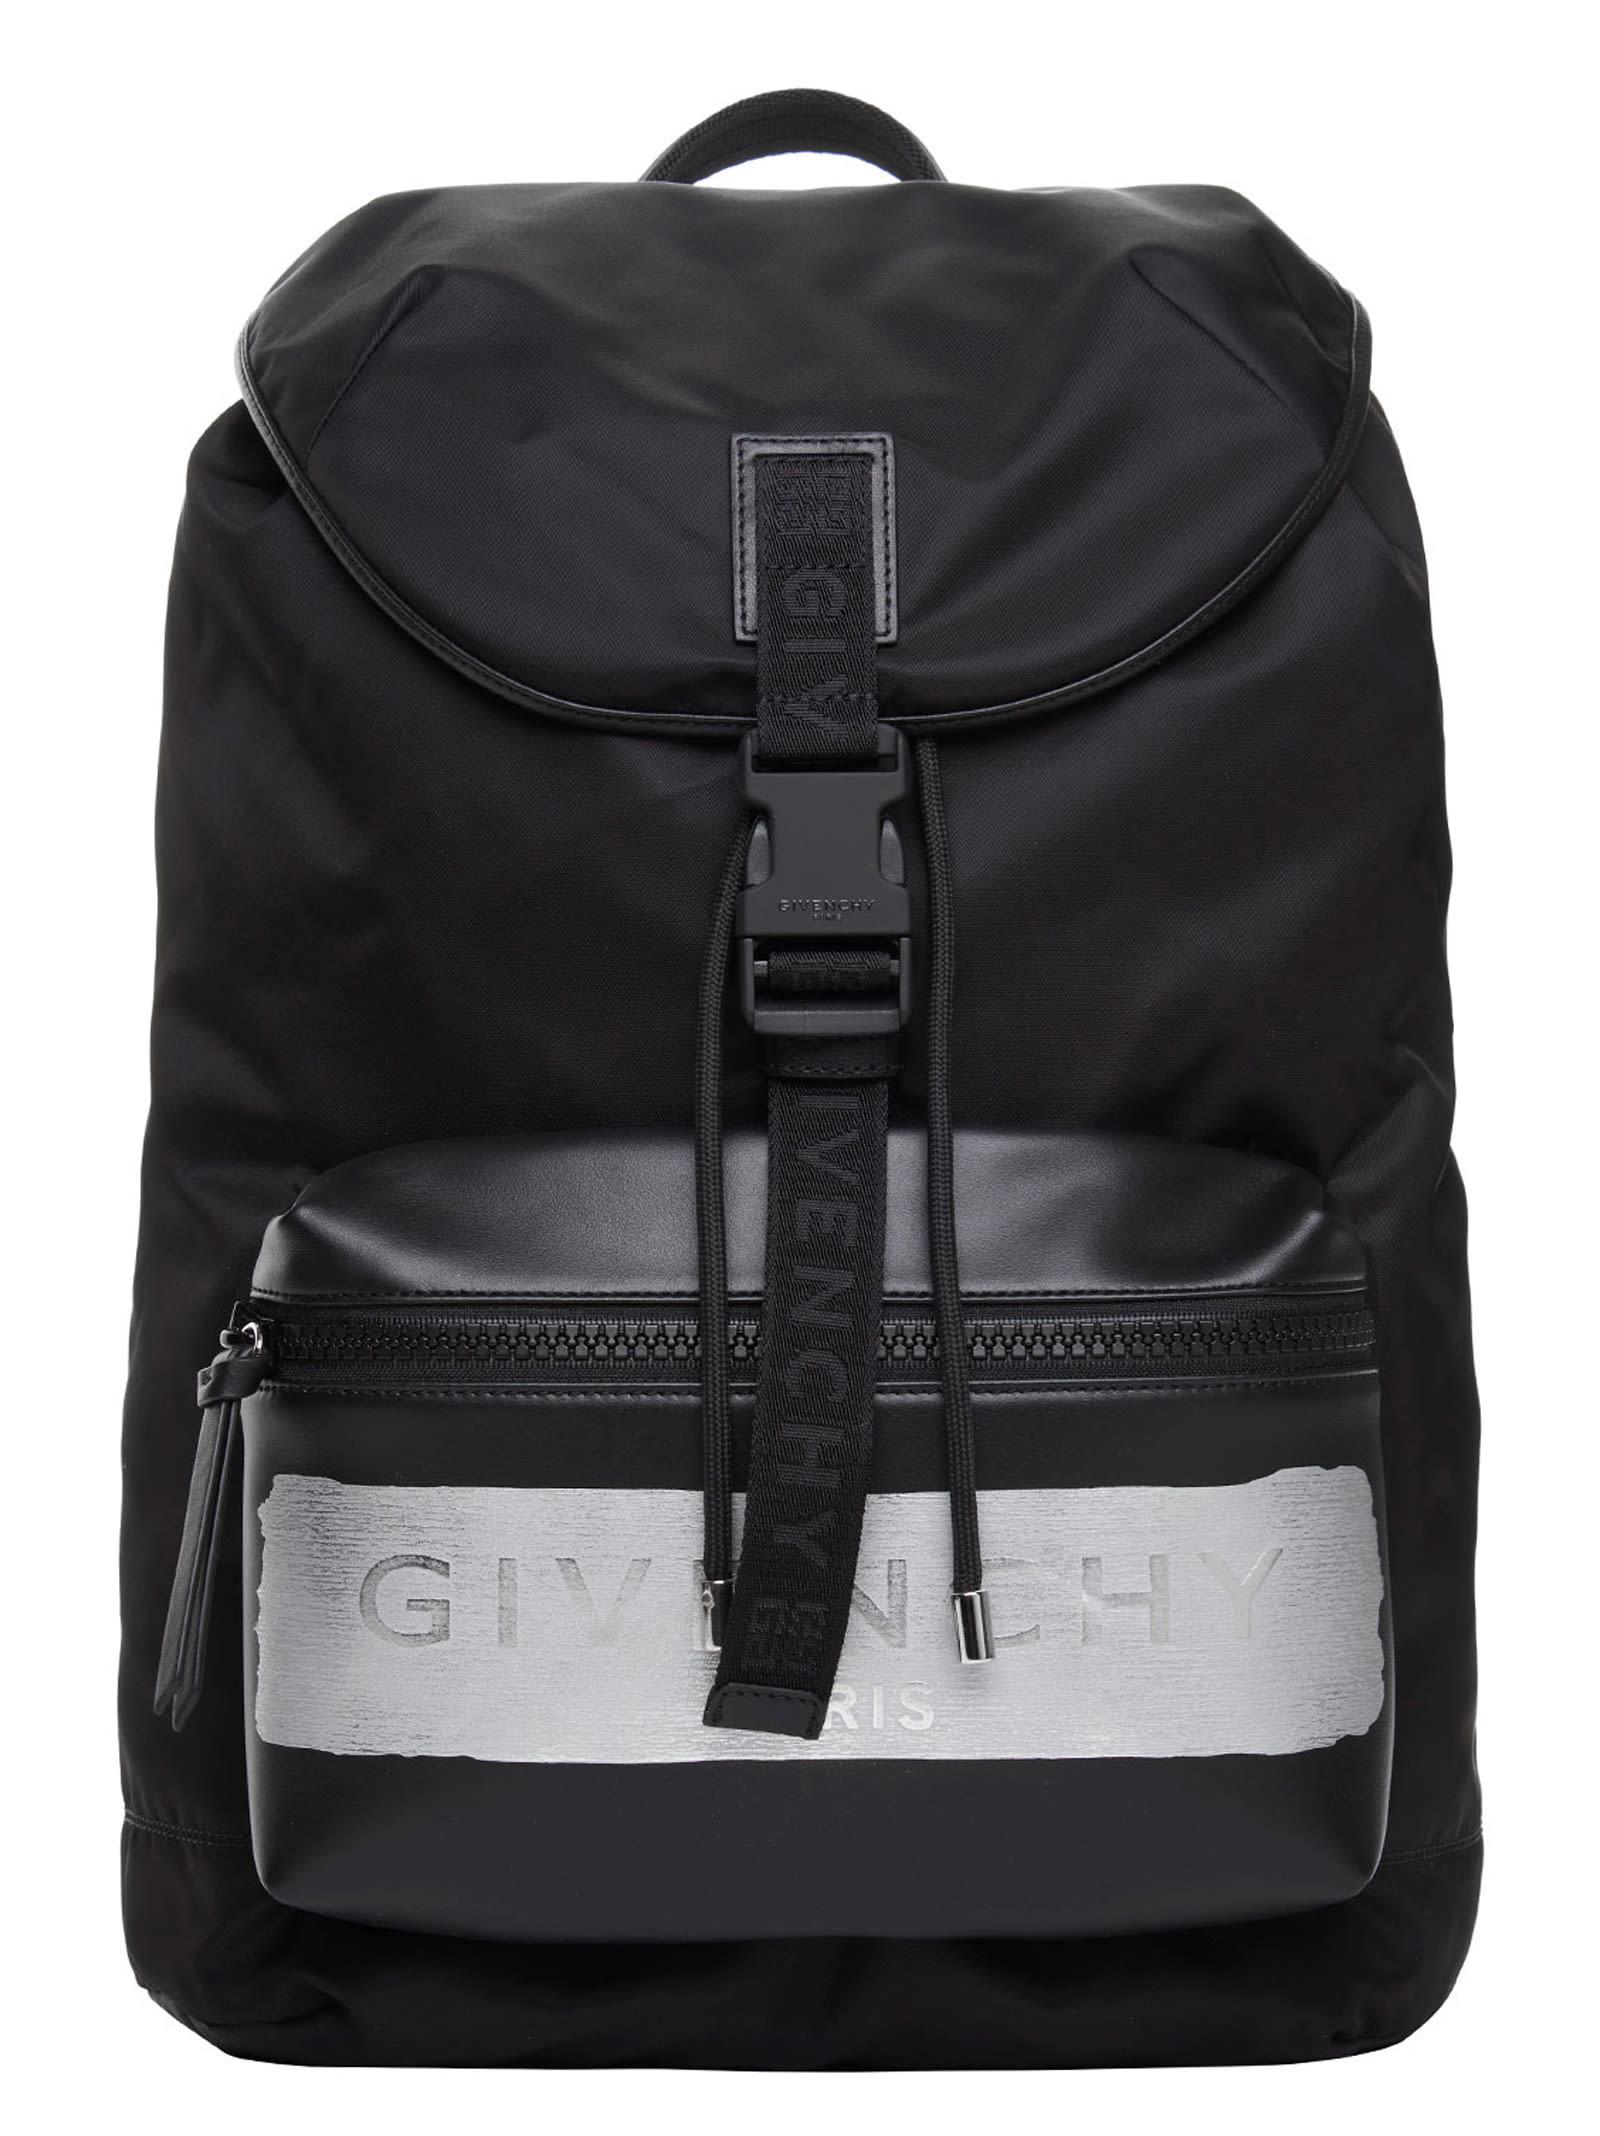 Givenchy light 3 Bag